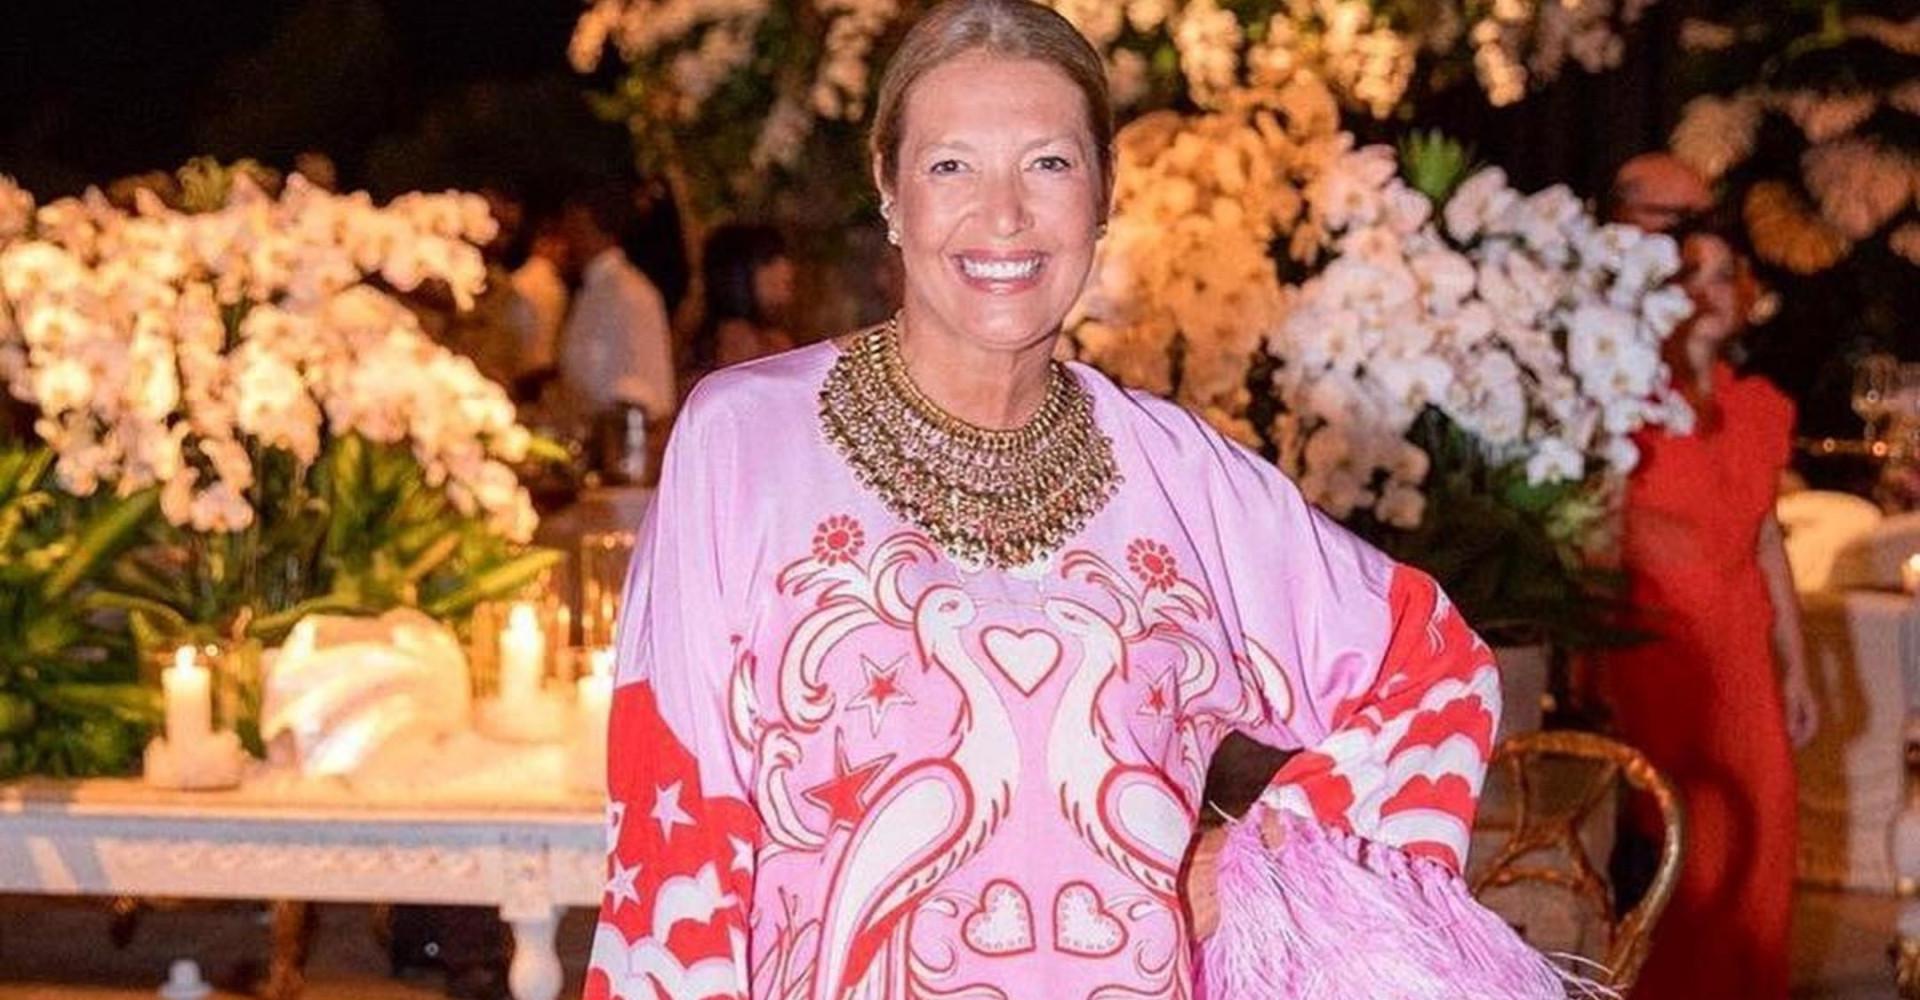 """Após polêmica, diretora da Vogue pede demissão: """"Cabeça erguida"""""""